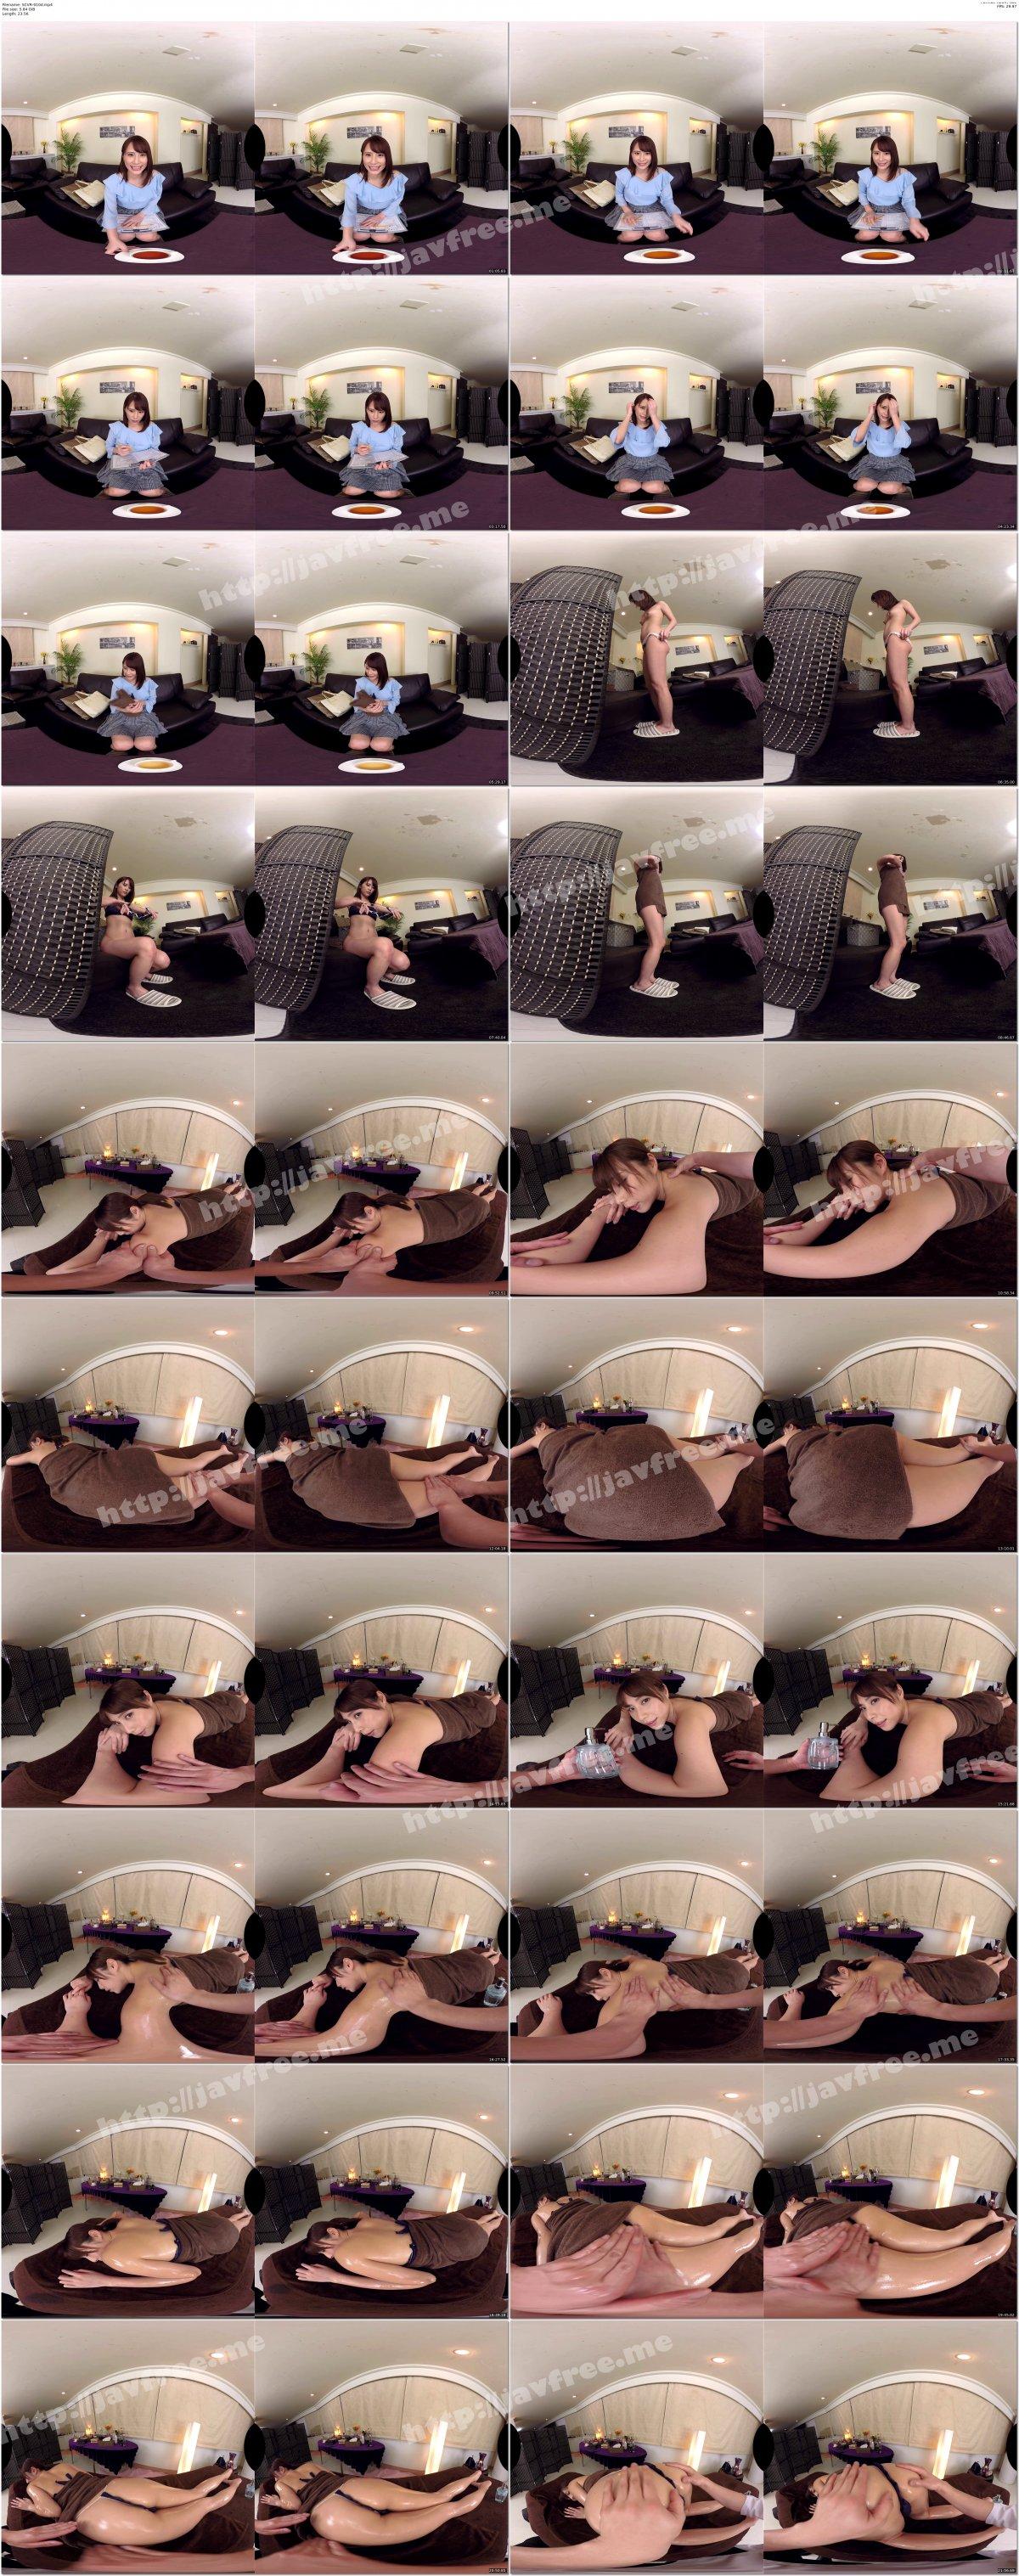 [SCVR-010] 【VR】長尺VR!リアル悪徳エステ体験!一般客に媚薬を飲ませ高級オイルマッサージで感度覚醒!コリをほぐすだけとグチョグチョに興奮したマ●コを刺激して痙攣するまで生中出し!2 花咲いあん 三原ほのか